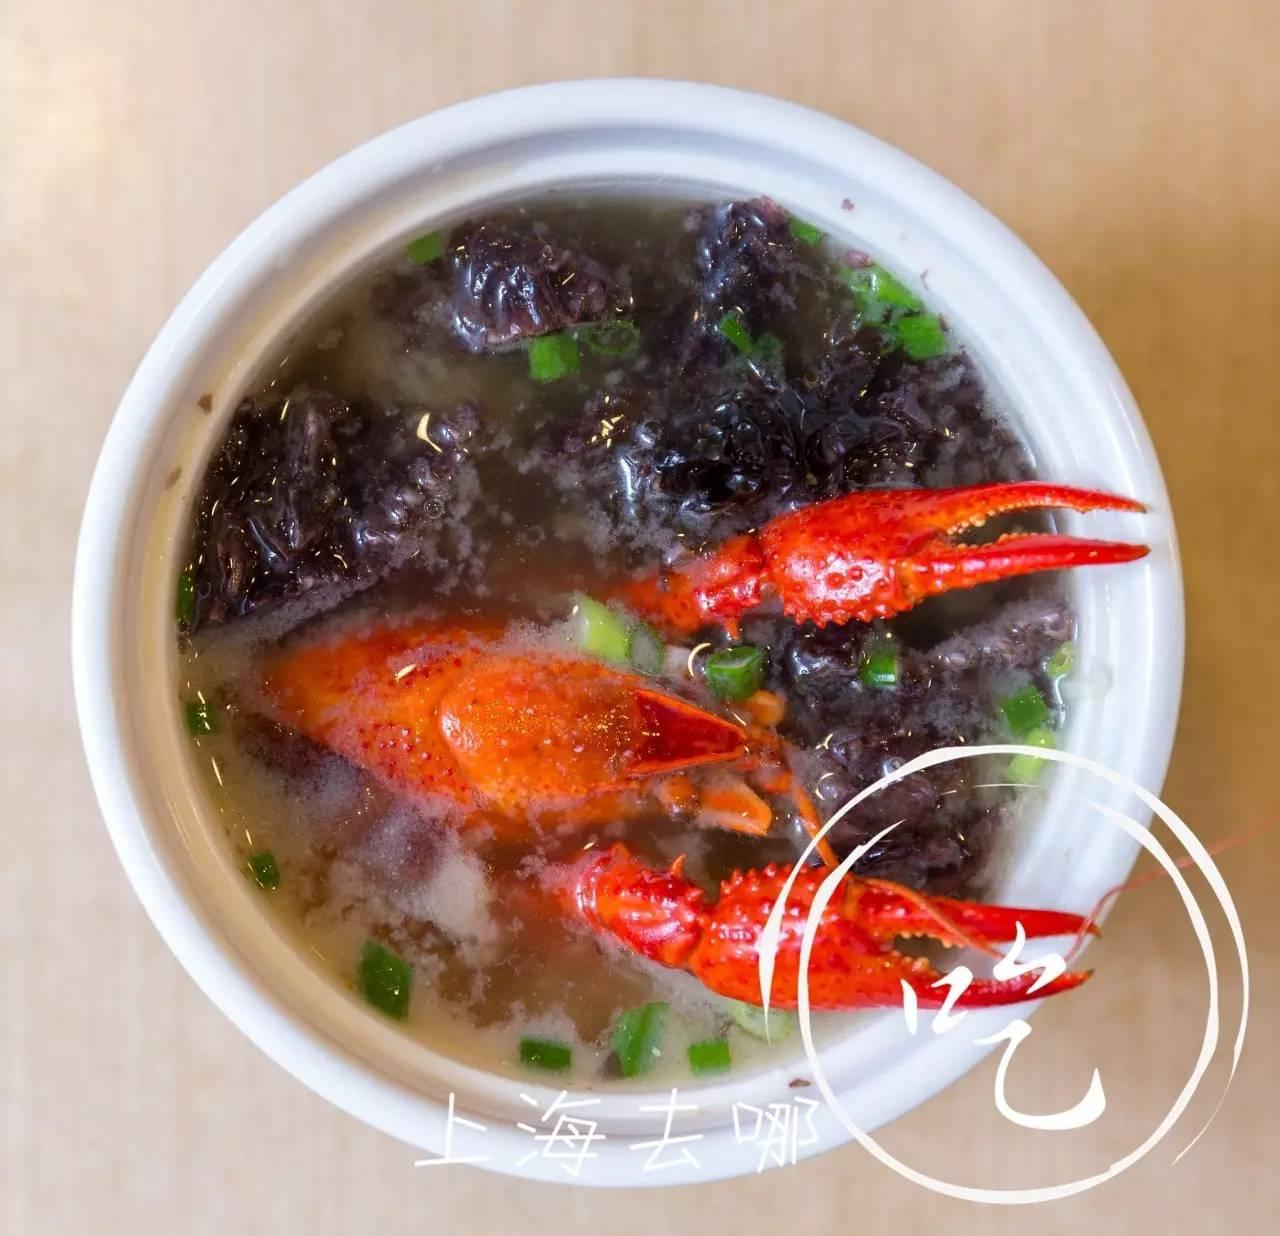 就凭这碗小龙虾葱油拌面,足够踩 订餐小秘书